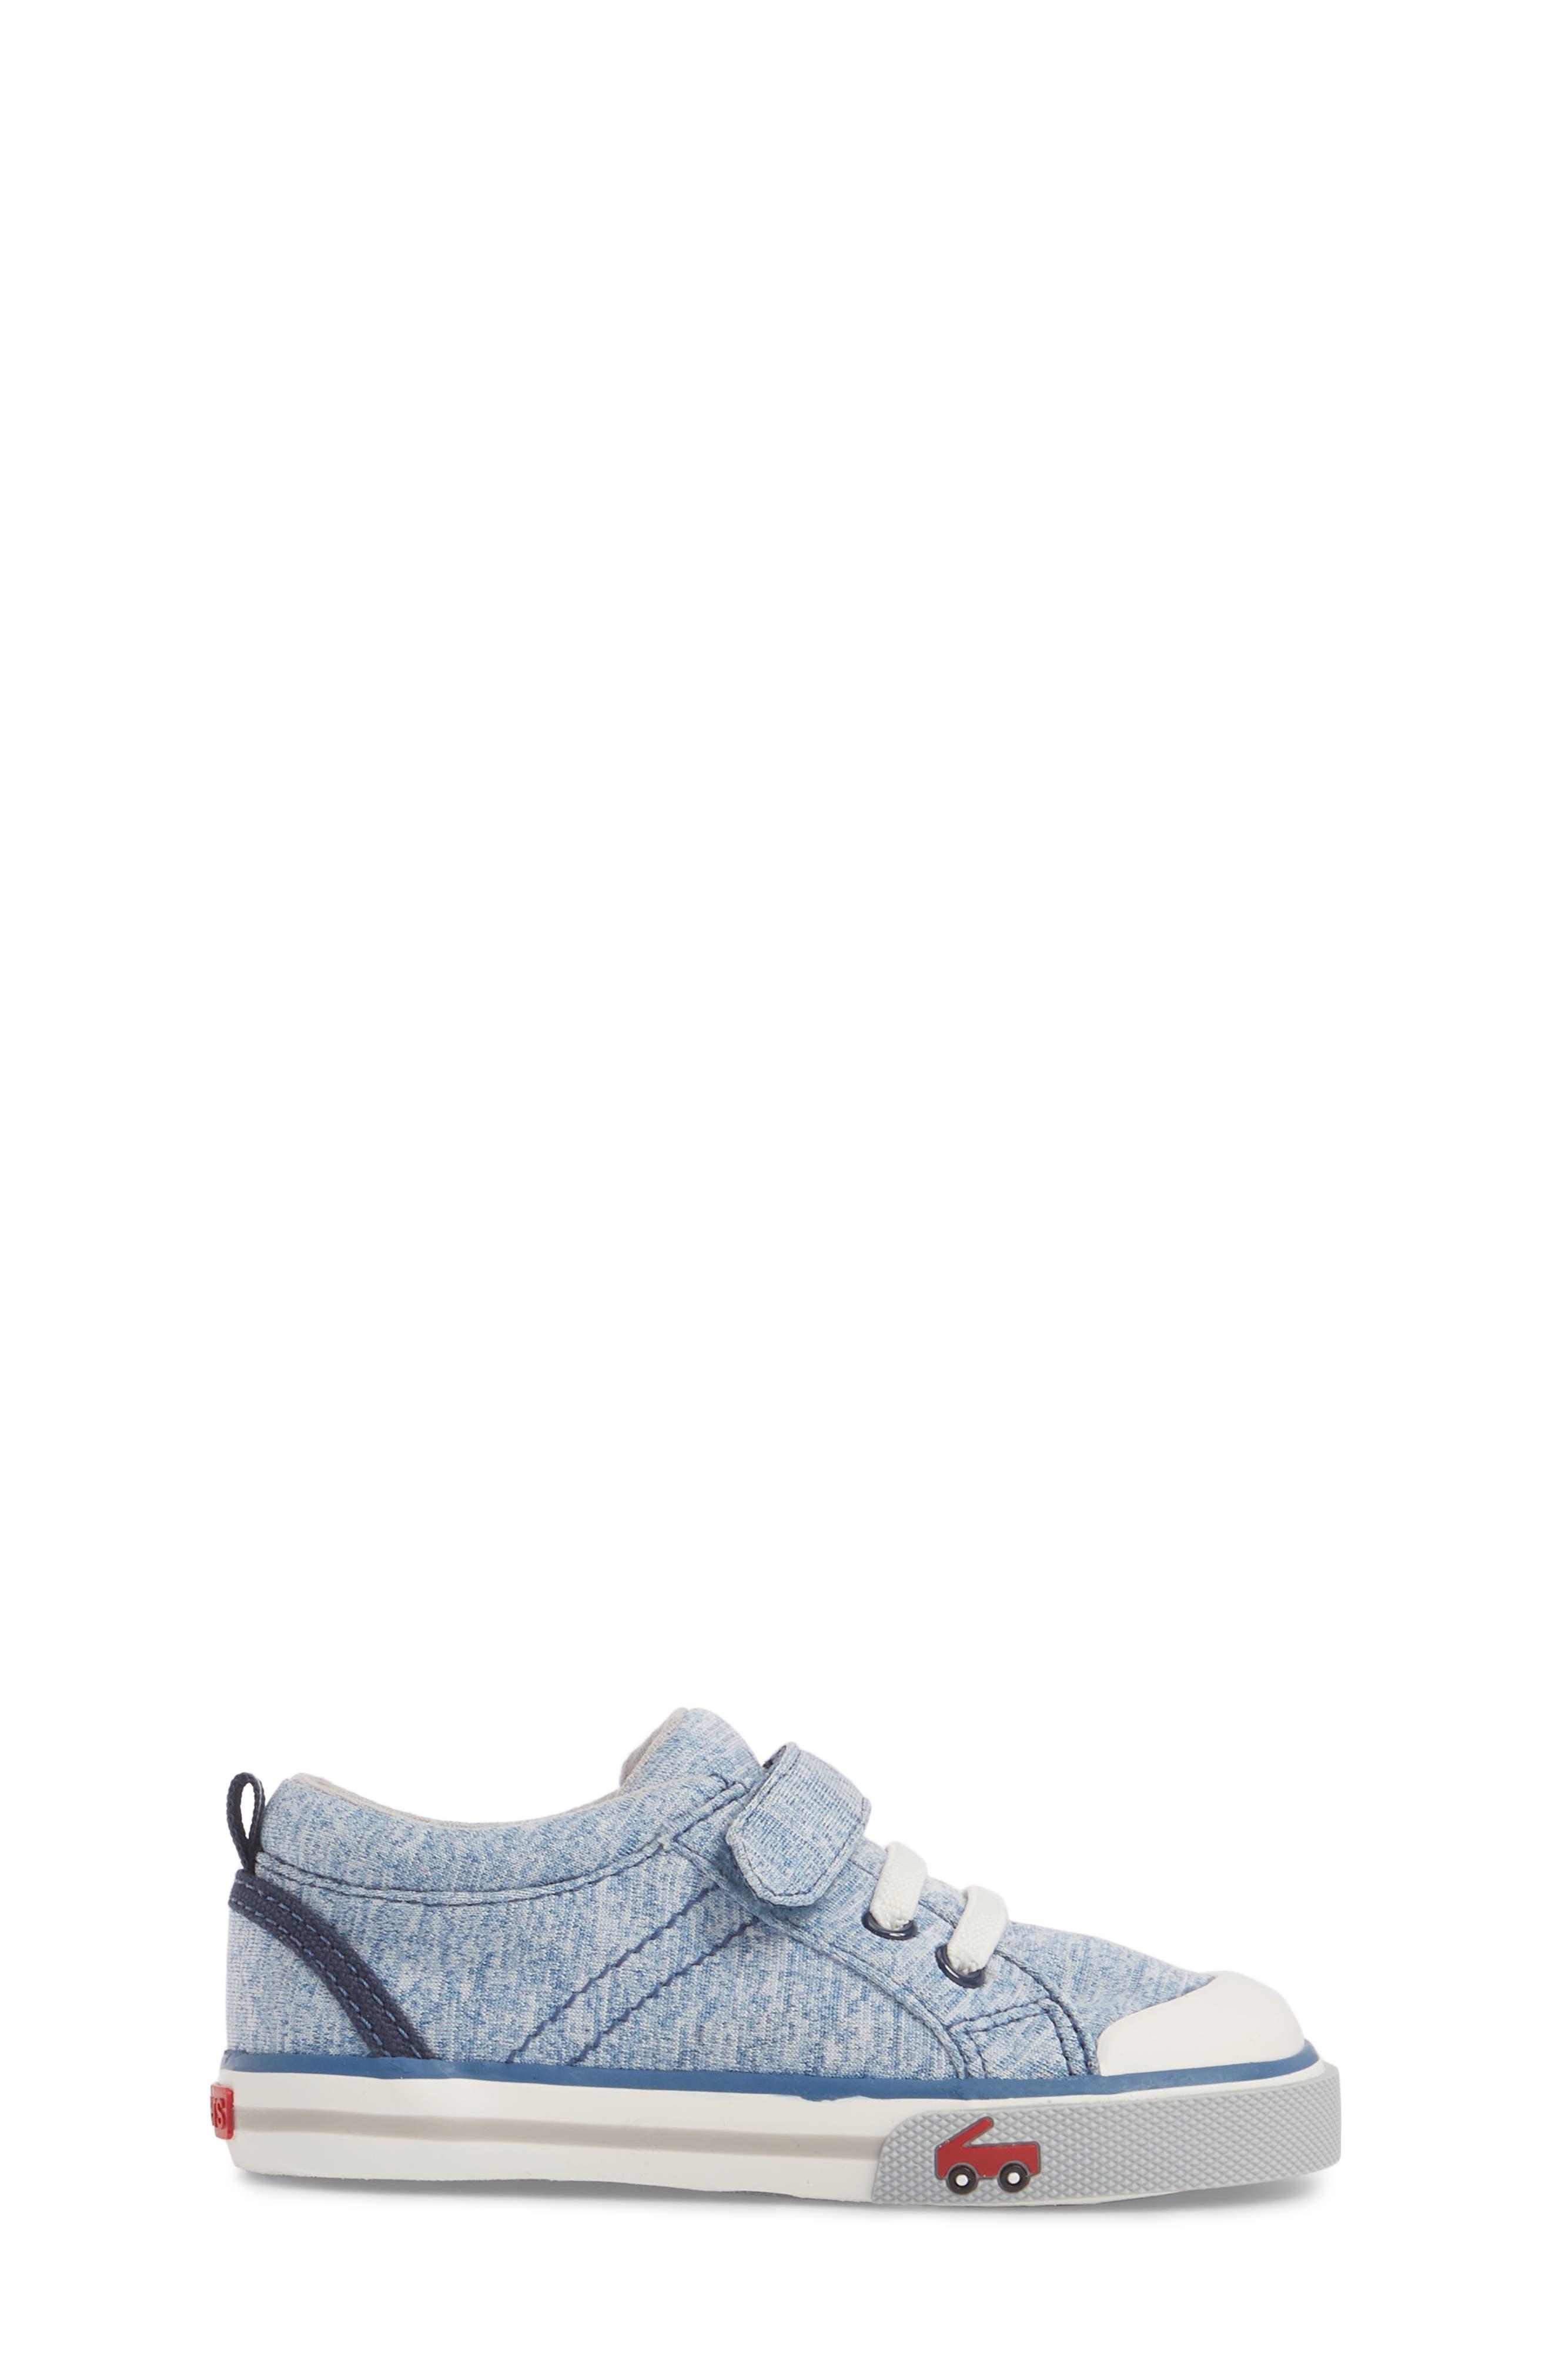 Tanner Sneaker,                             Alternate thumbnail 3, color,                             400